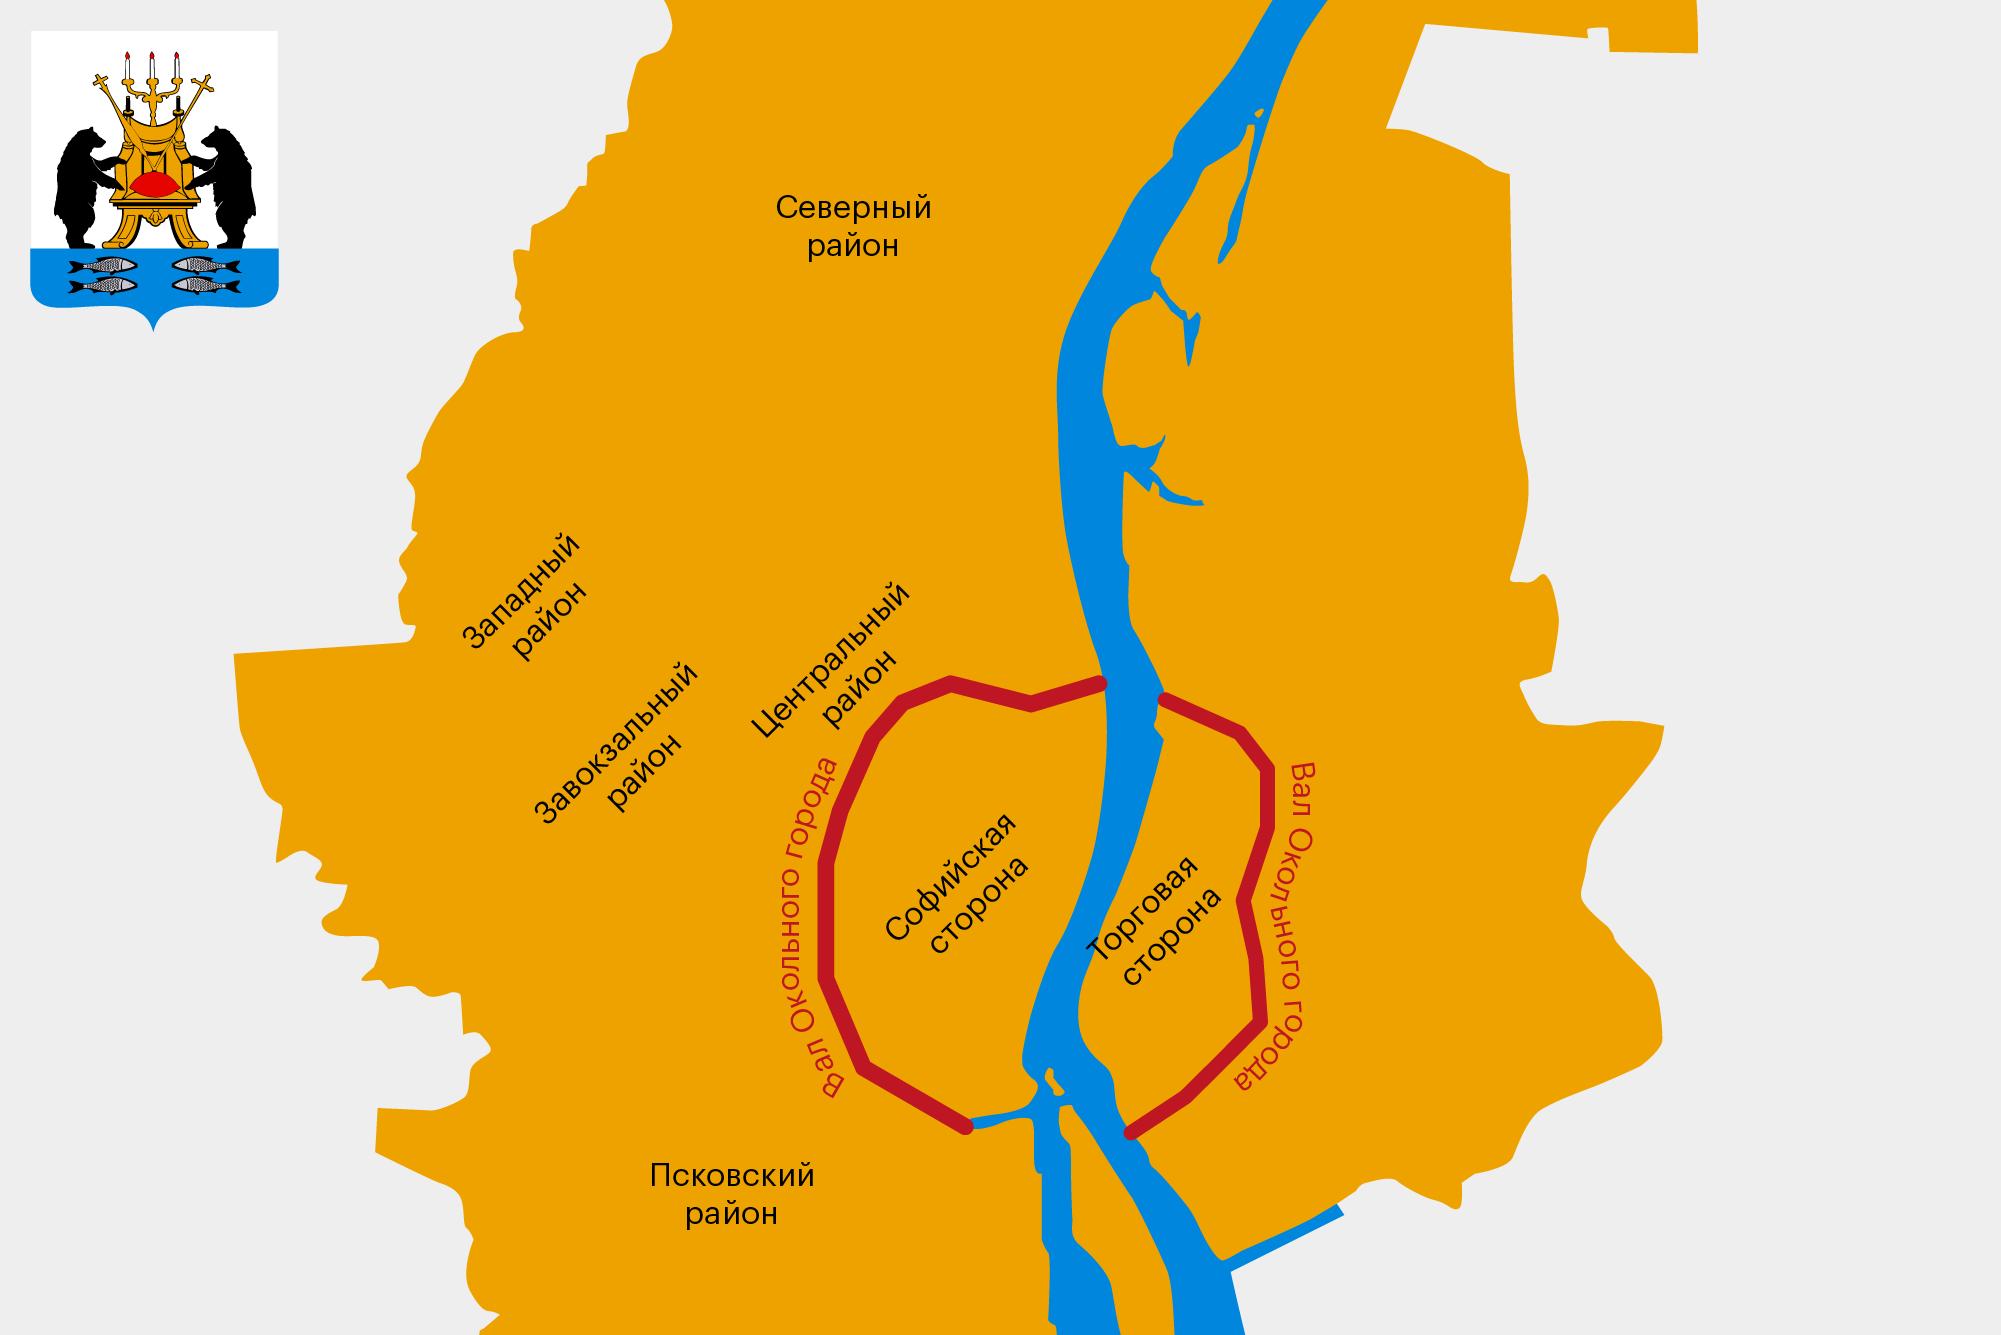 Районы Великого Новгорода